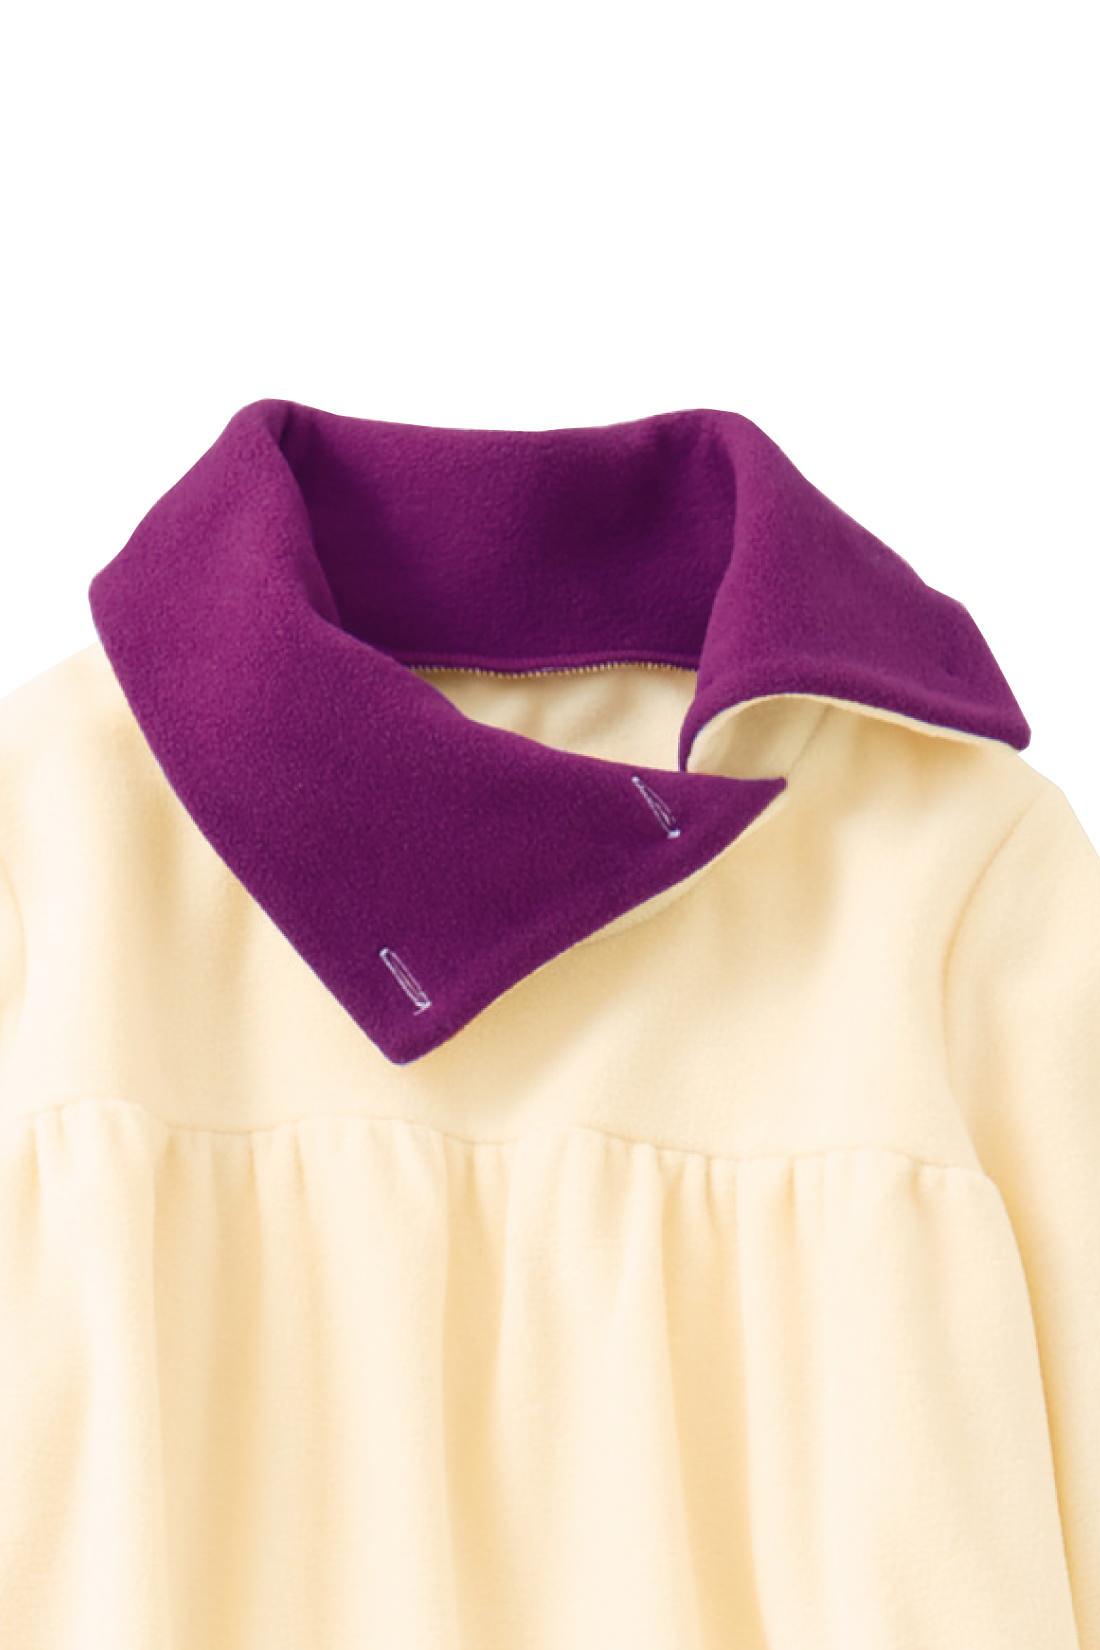 これは参考画像です。ボタンを閉じれば寒がりな首もとがすっぽり包み込まれる、衿高デザインです。